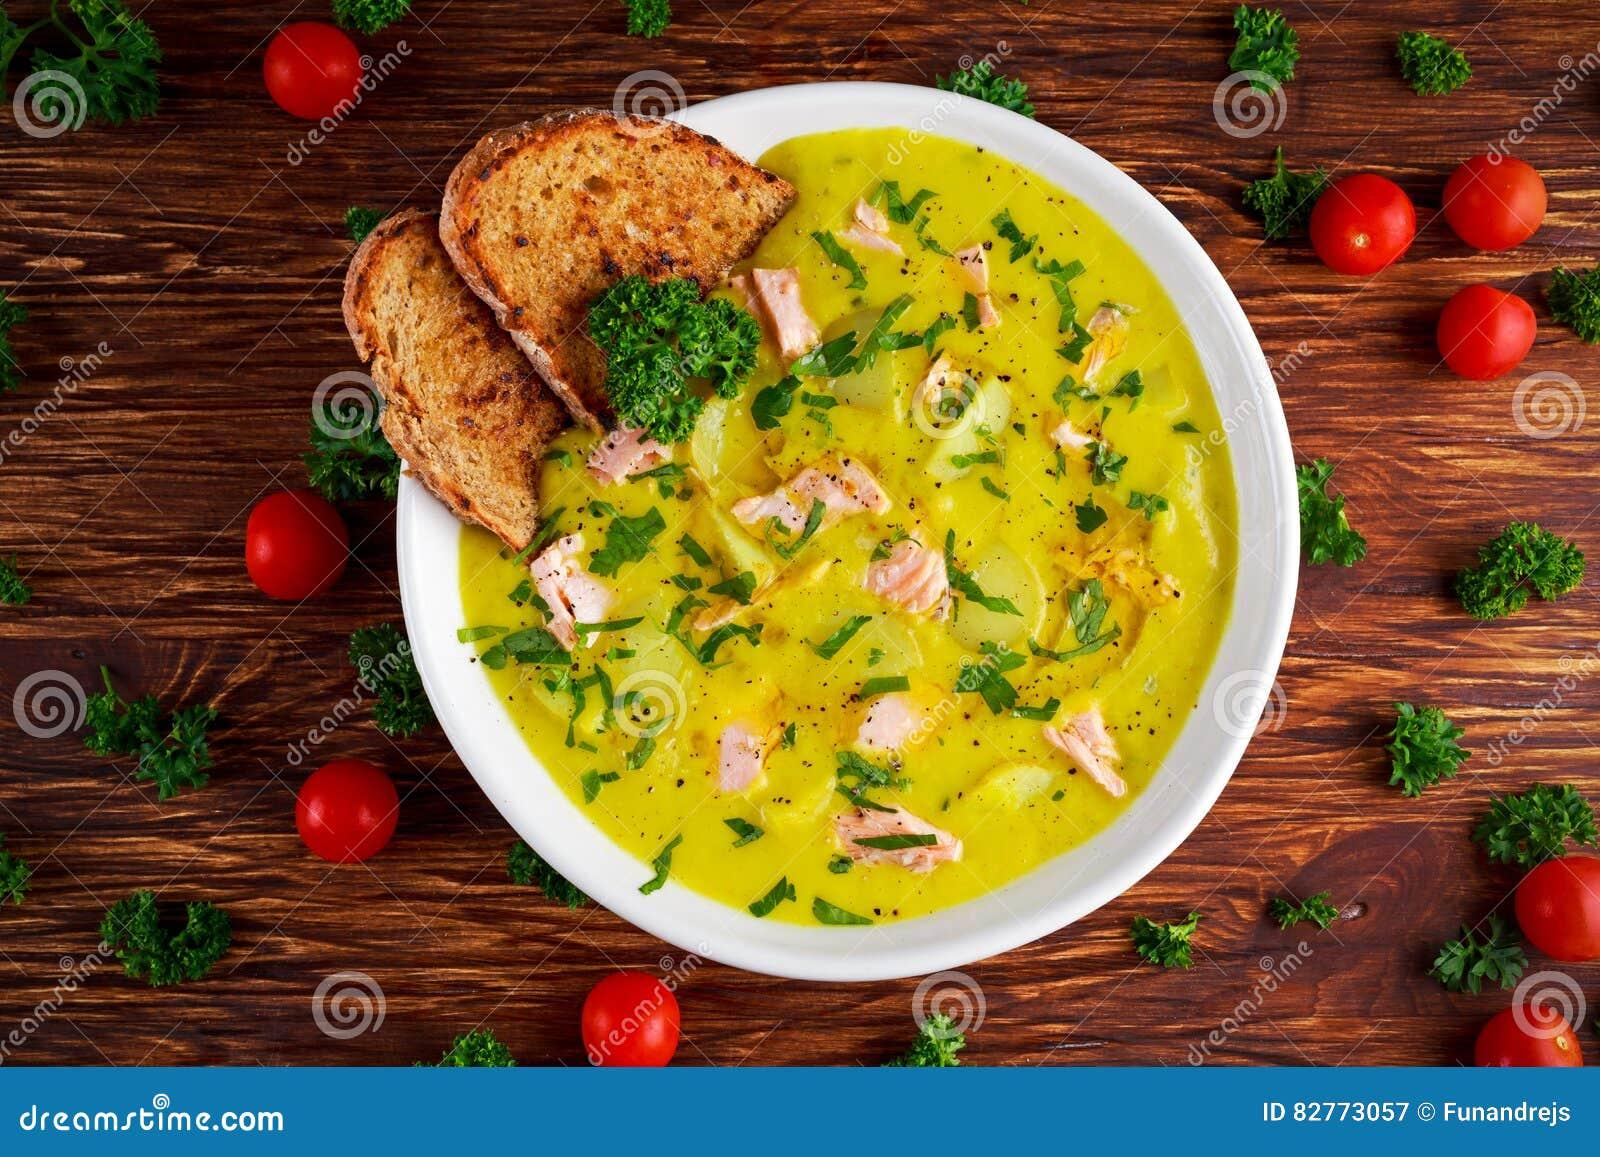 Saumons crémeux de poissons, poireau, soupe aux pommes de terre sur le fond en bois